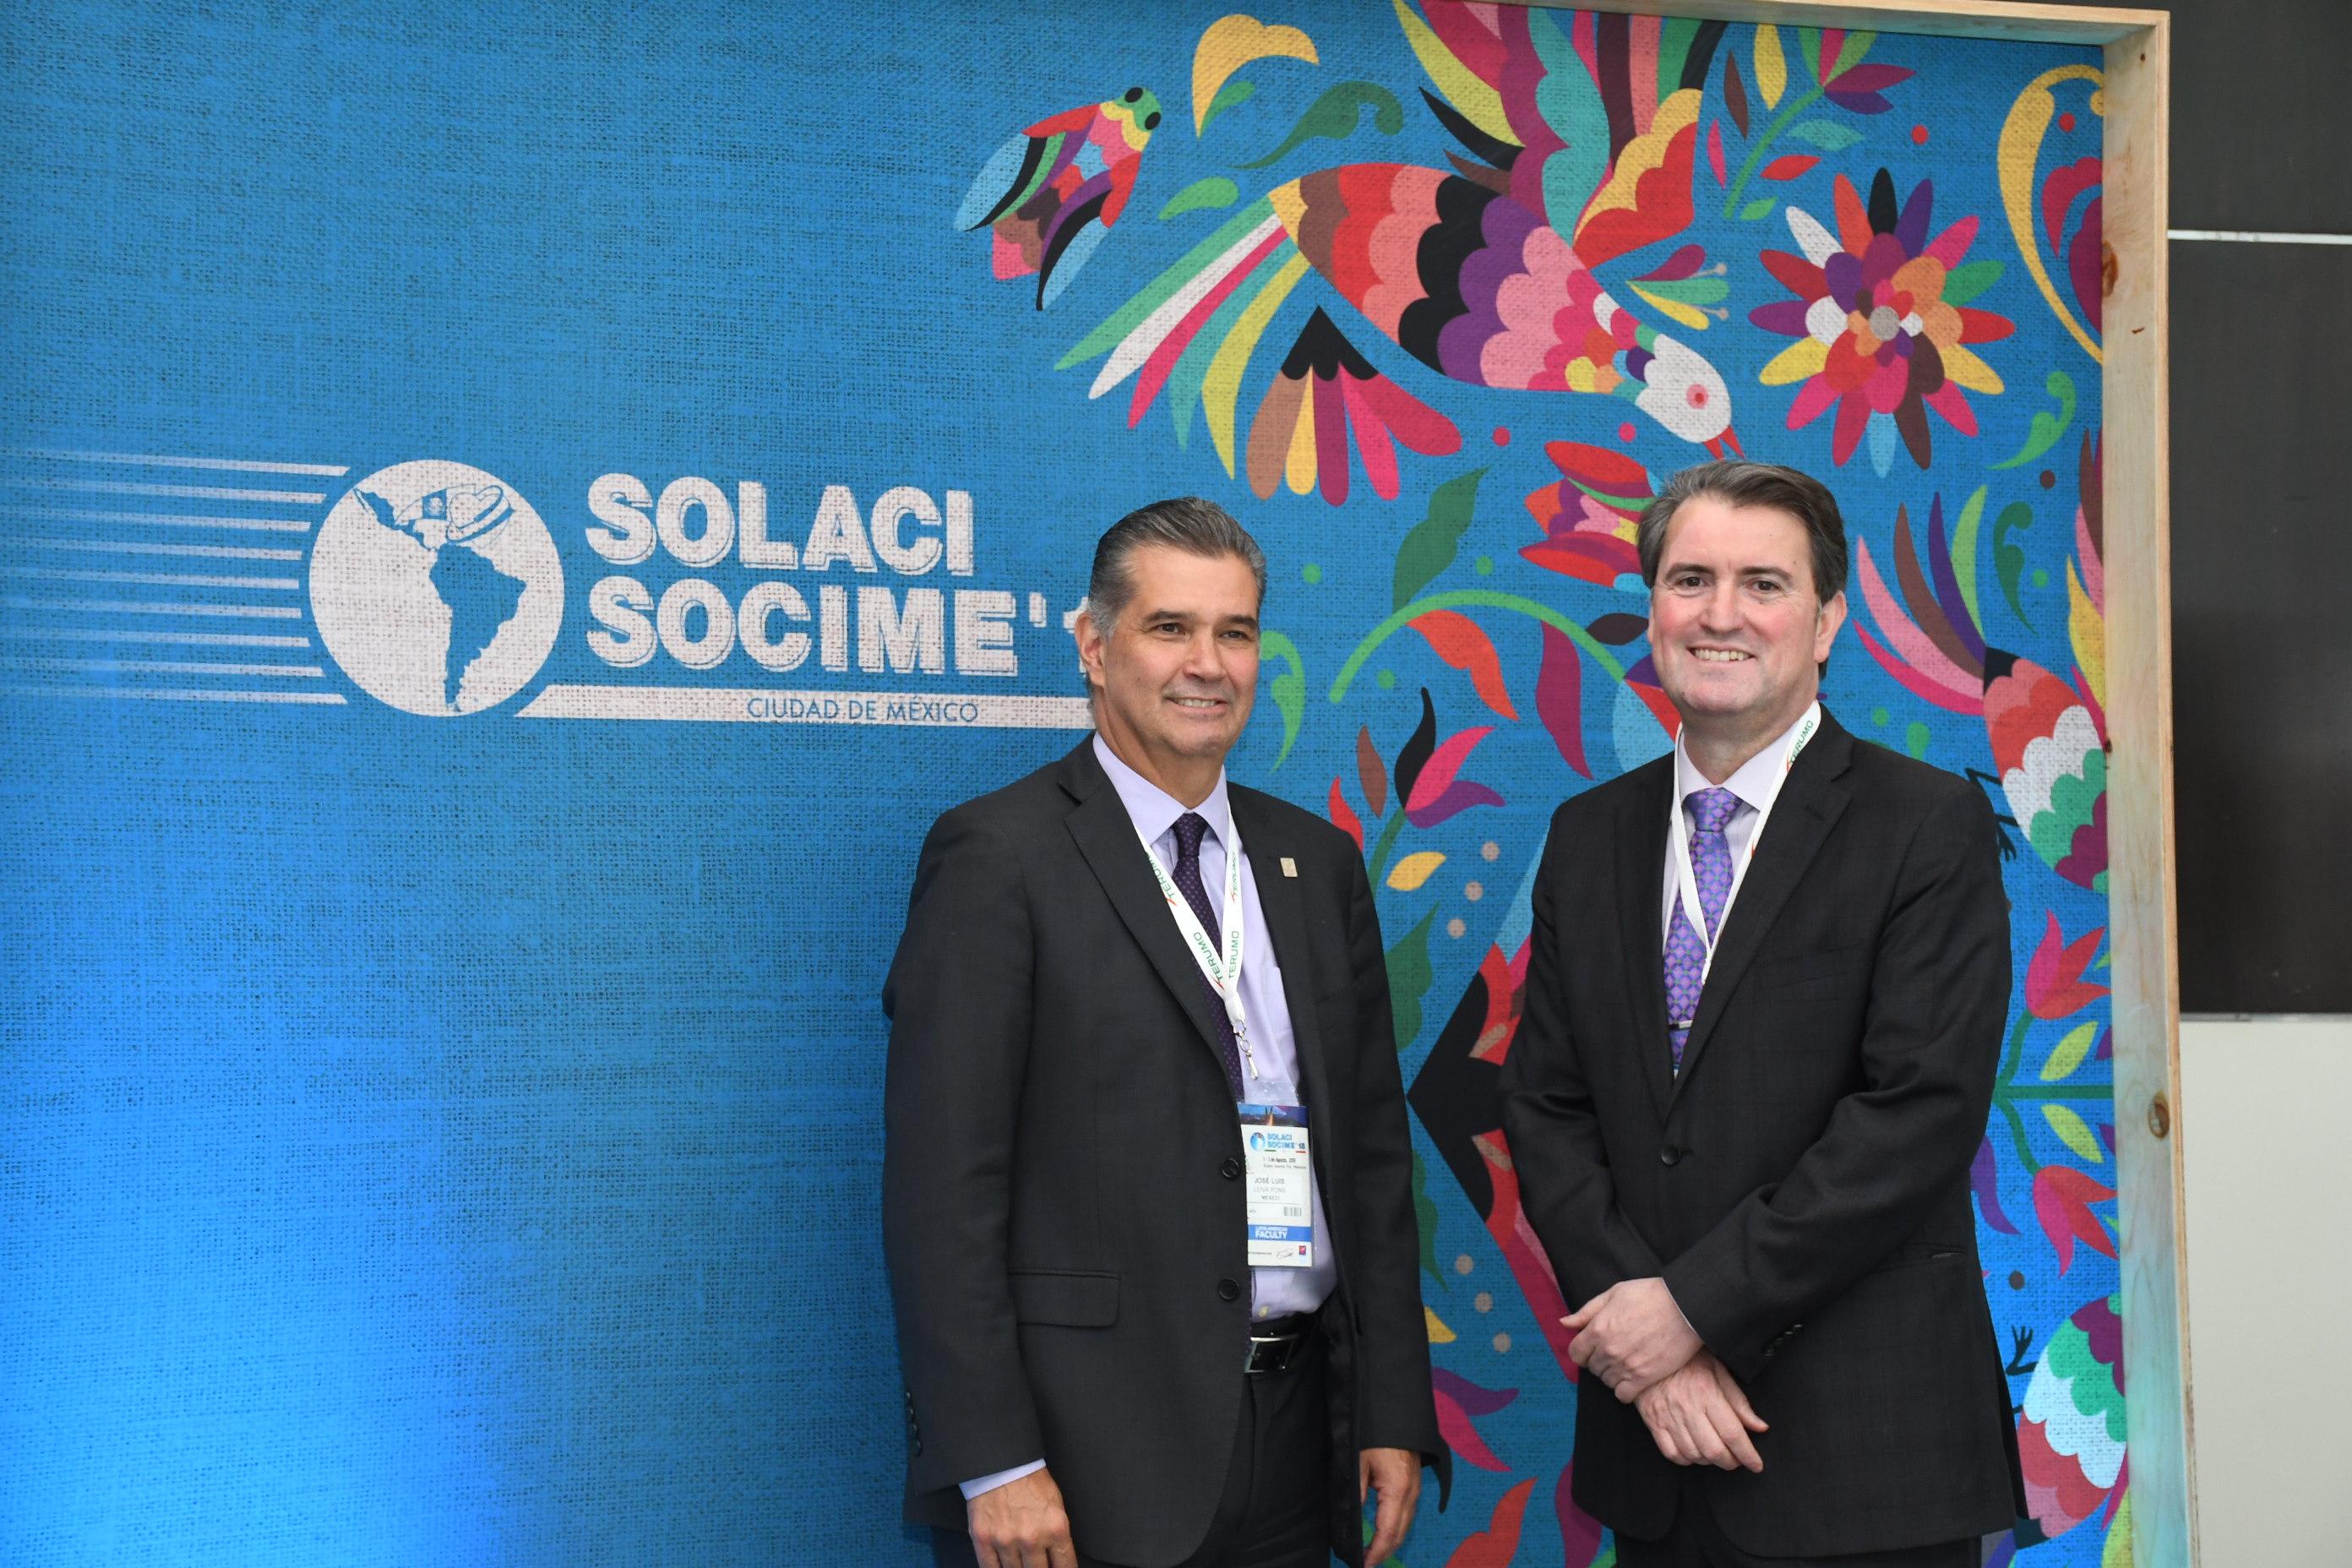 Muerte cardiovascular en México en el marco del Congreso SOLACI-SOCIME 2018